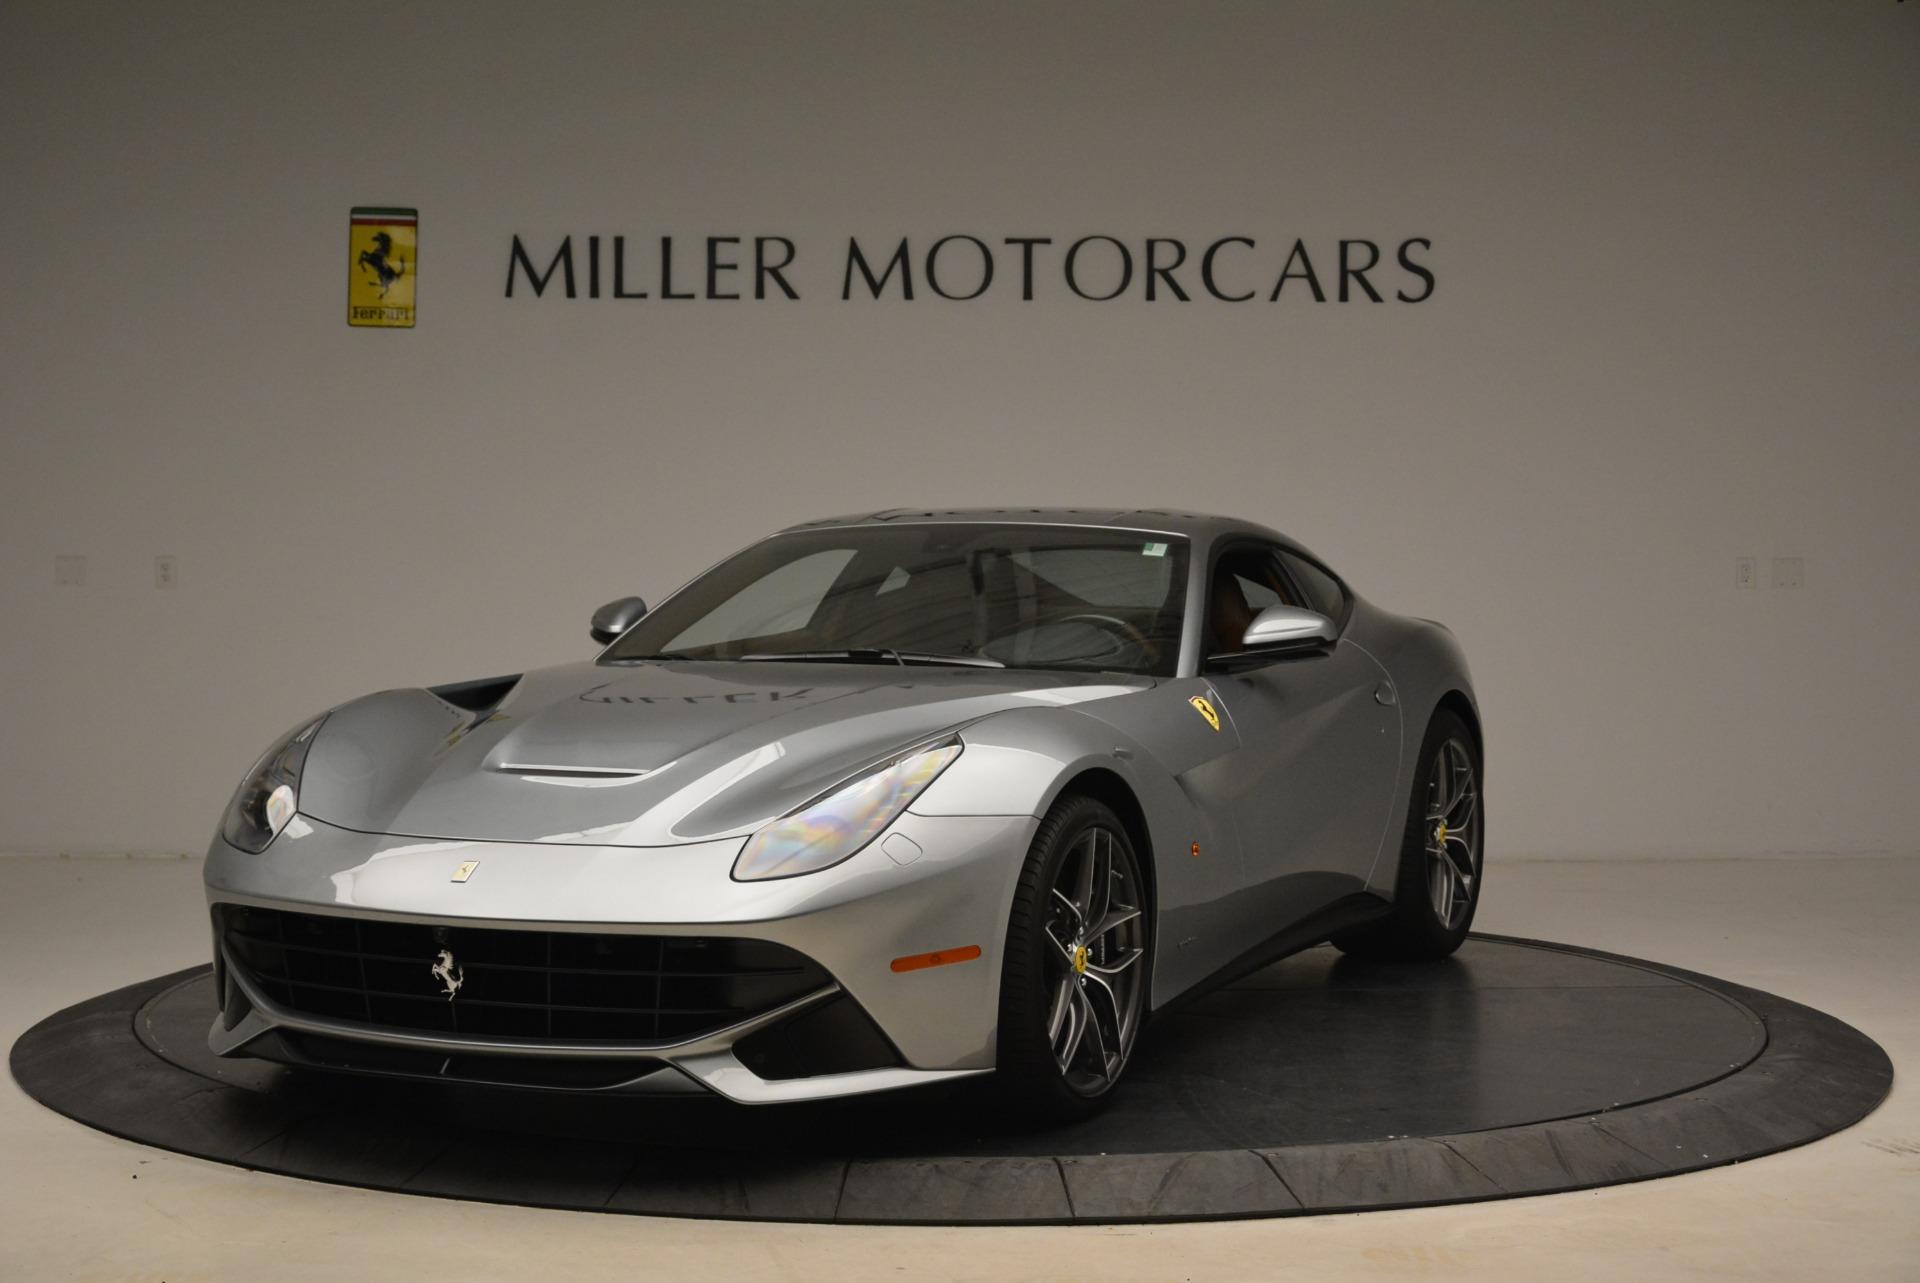 Used 2017 Ferrari F12 Berlinetta for sale Sold at Bugatti of Greenwich in Greenwich CT 06830 1